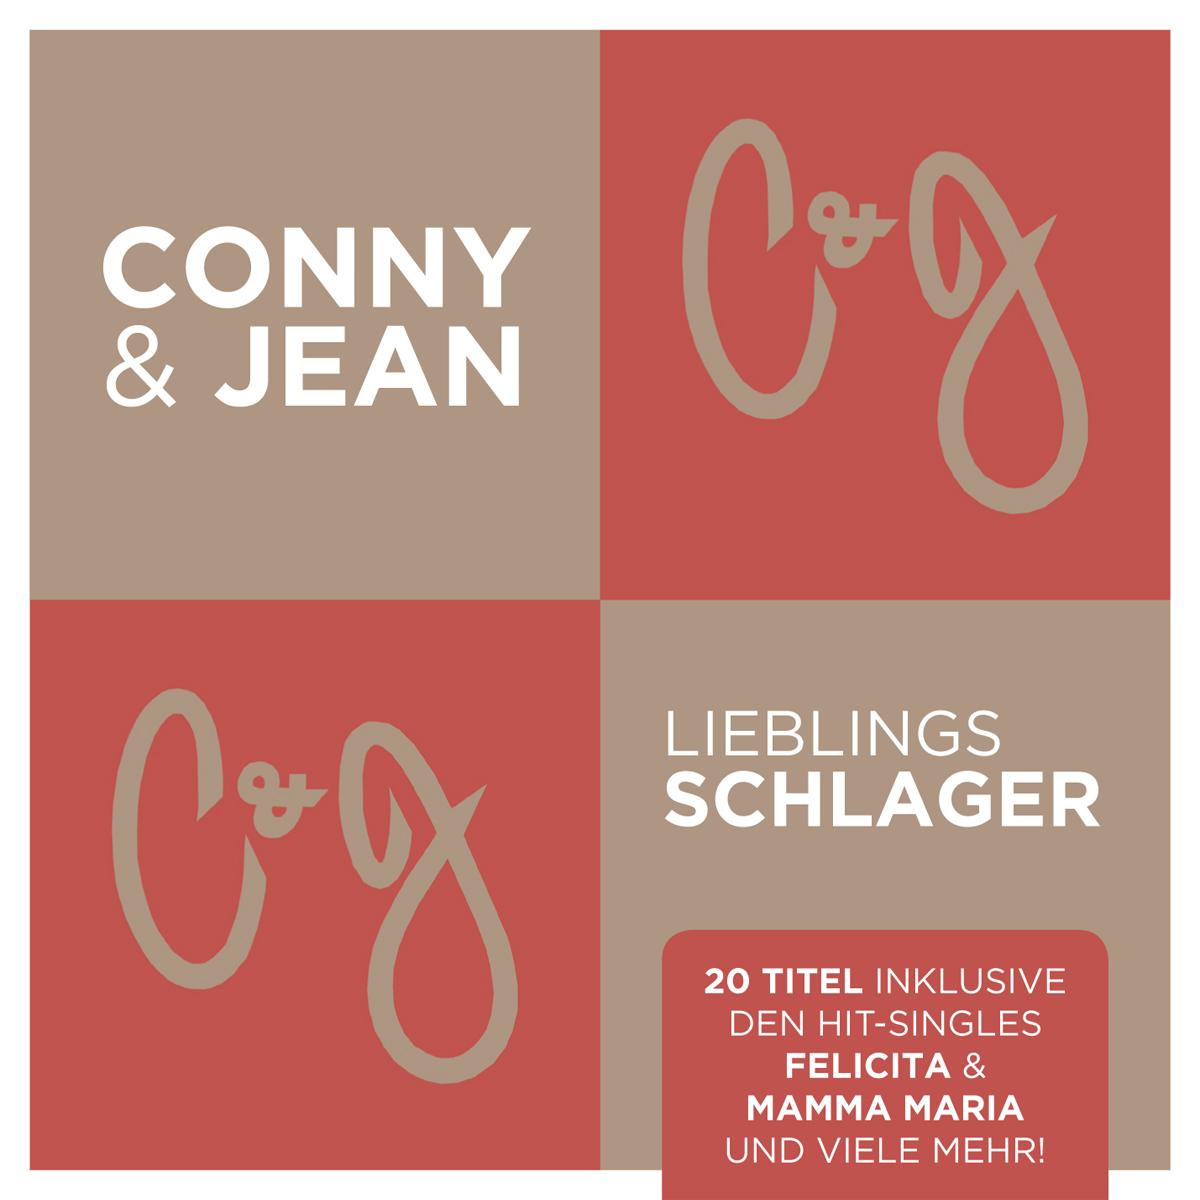 CONNY & JEAN * Lieblingsschlager (CD)